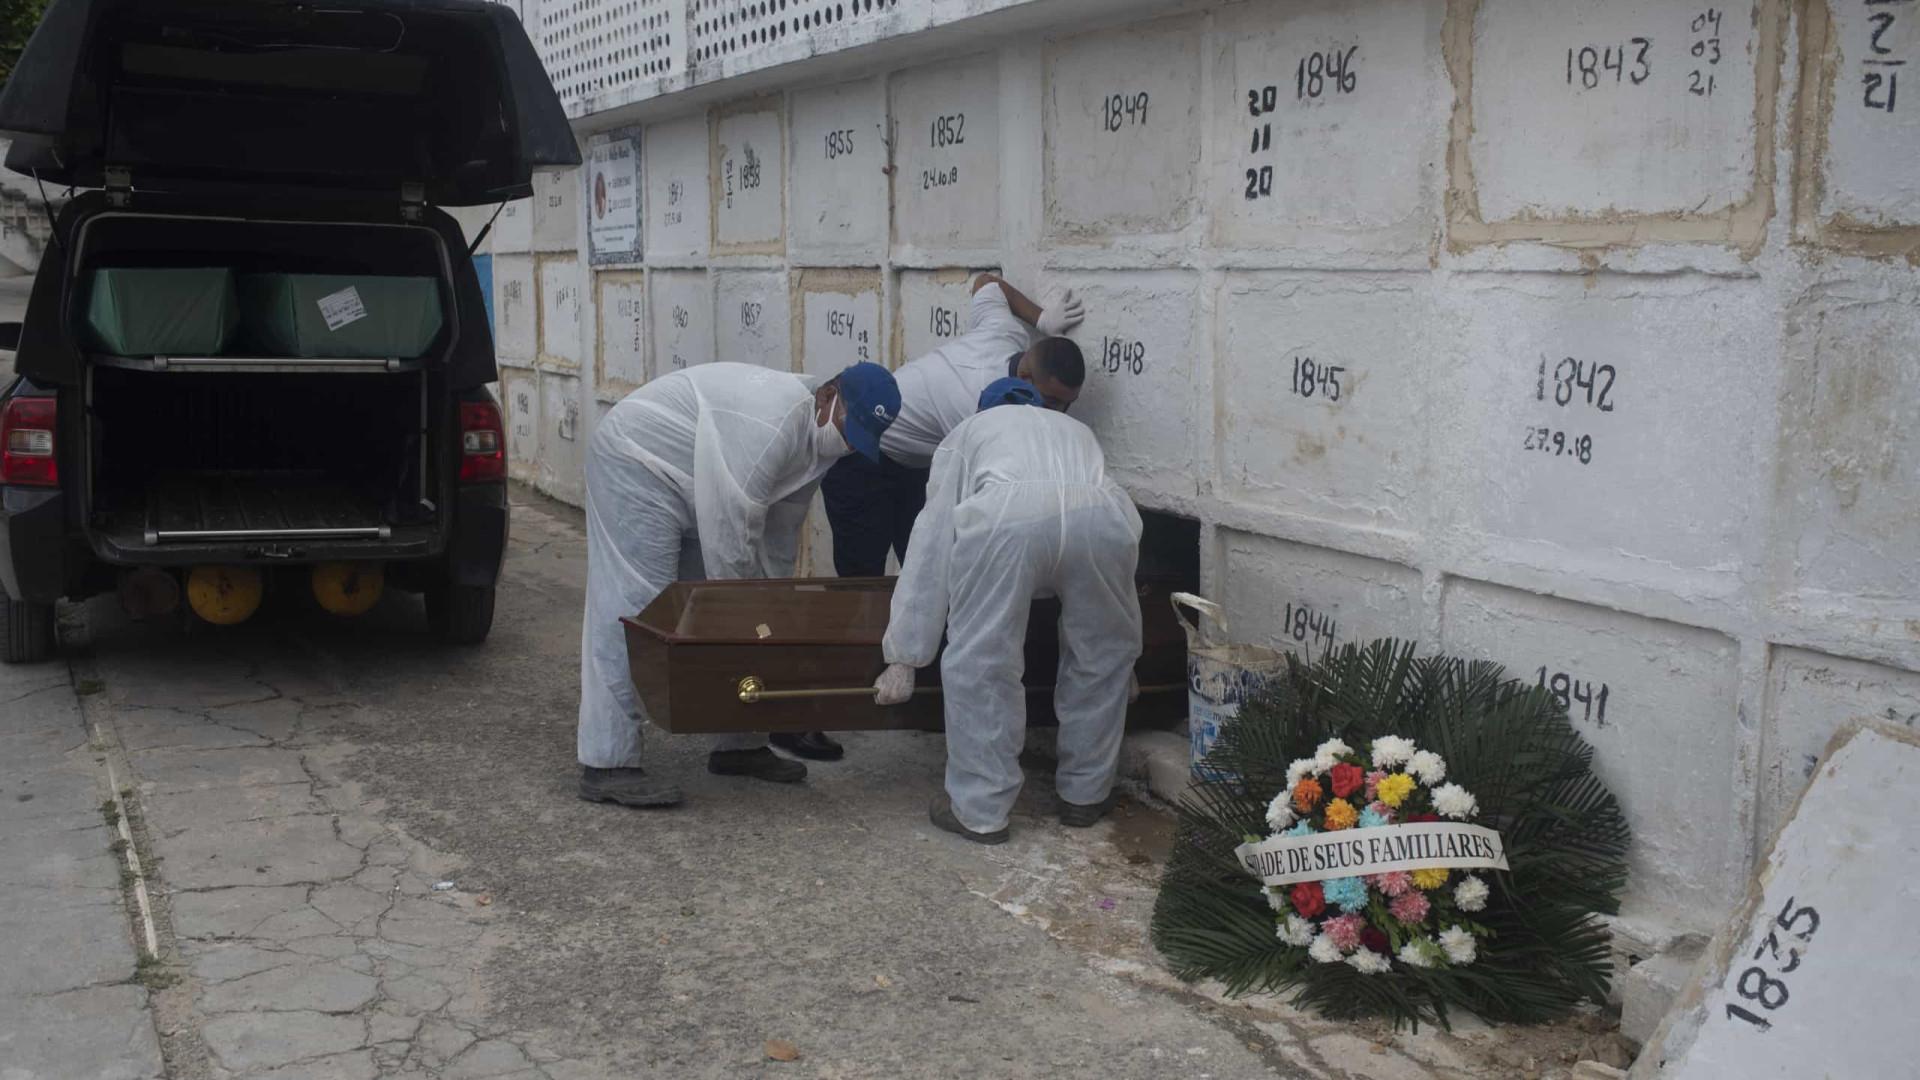 Brasil registra mais 2.513 mortes por Covid-19 em 24h